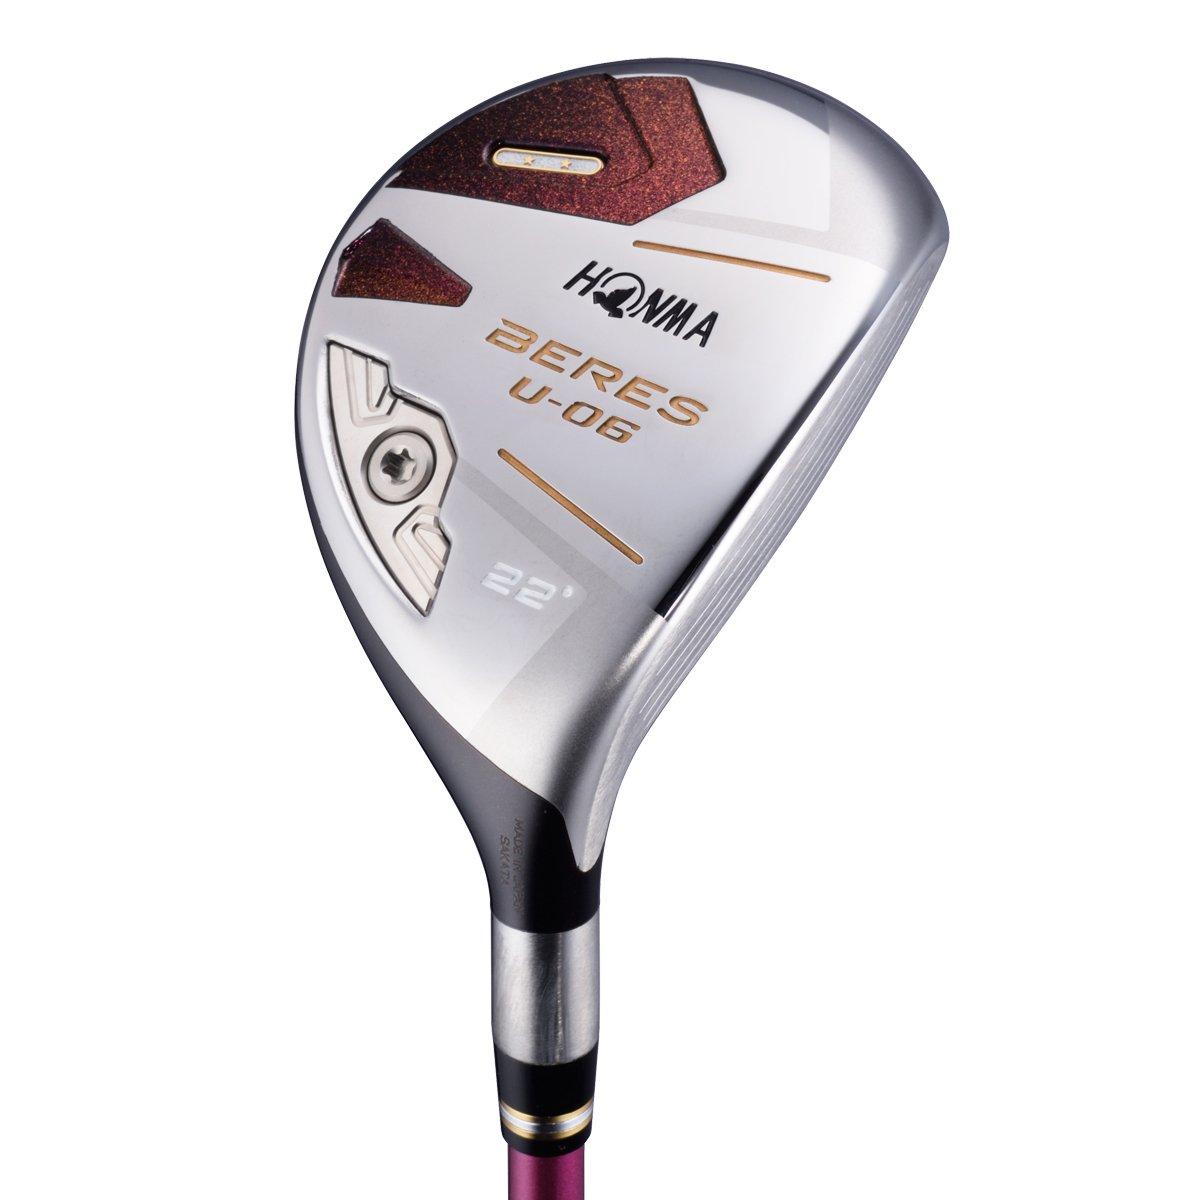 本間ゴルフ ユーティリティ BERES べレス U-06 レディース ユーティリティ ARMRQ X 38 2S シャフト カーボン レディース U06LU2S19 右  ロフト角:19度 U19 フレックス:L B079VJZWGX